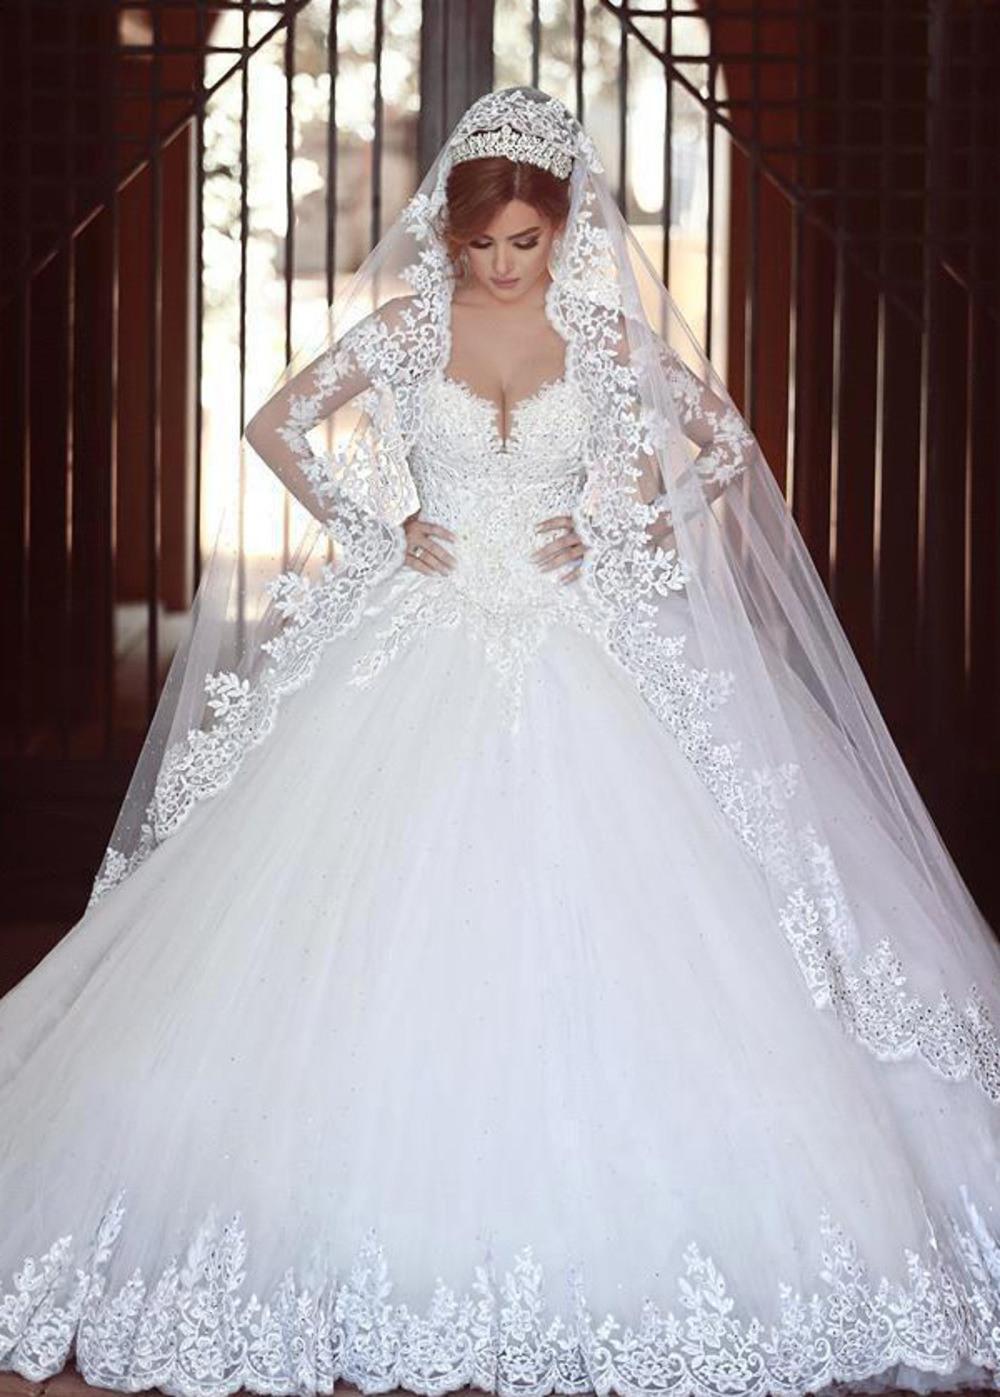 Erstaunlich Hochzeitskleider Boutique10 Perfekt Hochzeitskleider Boutique